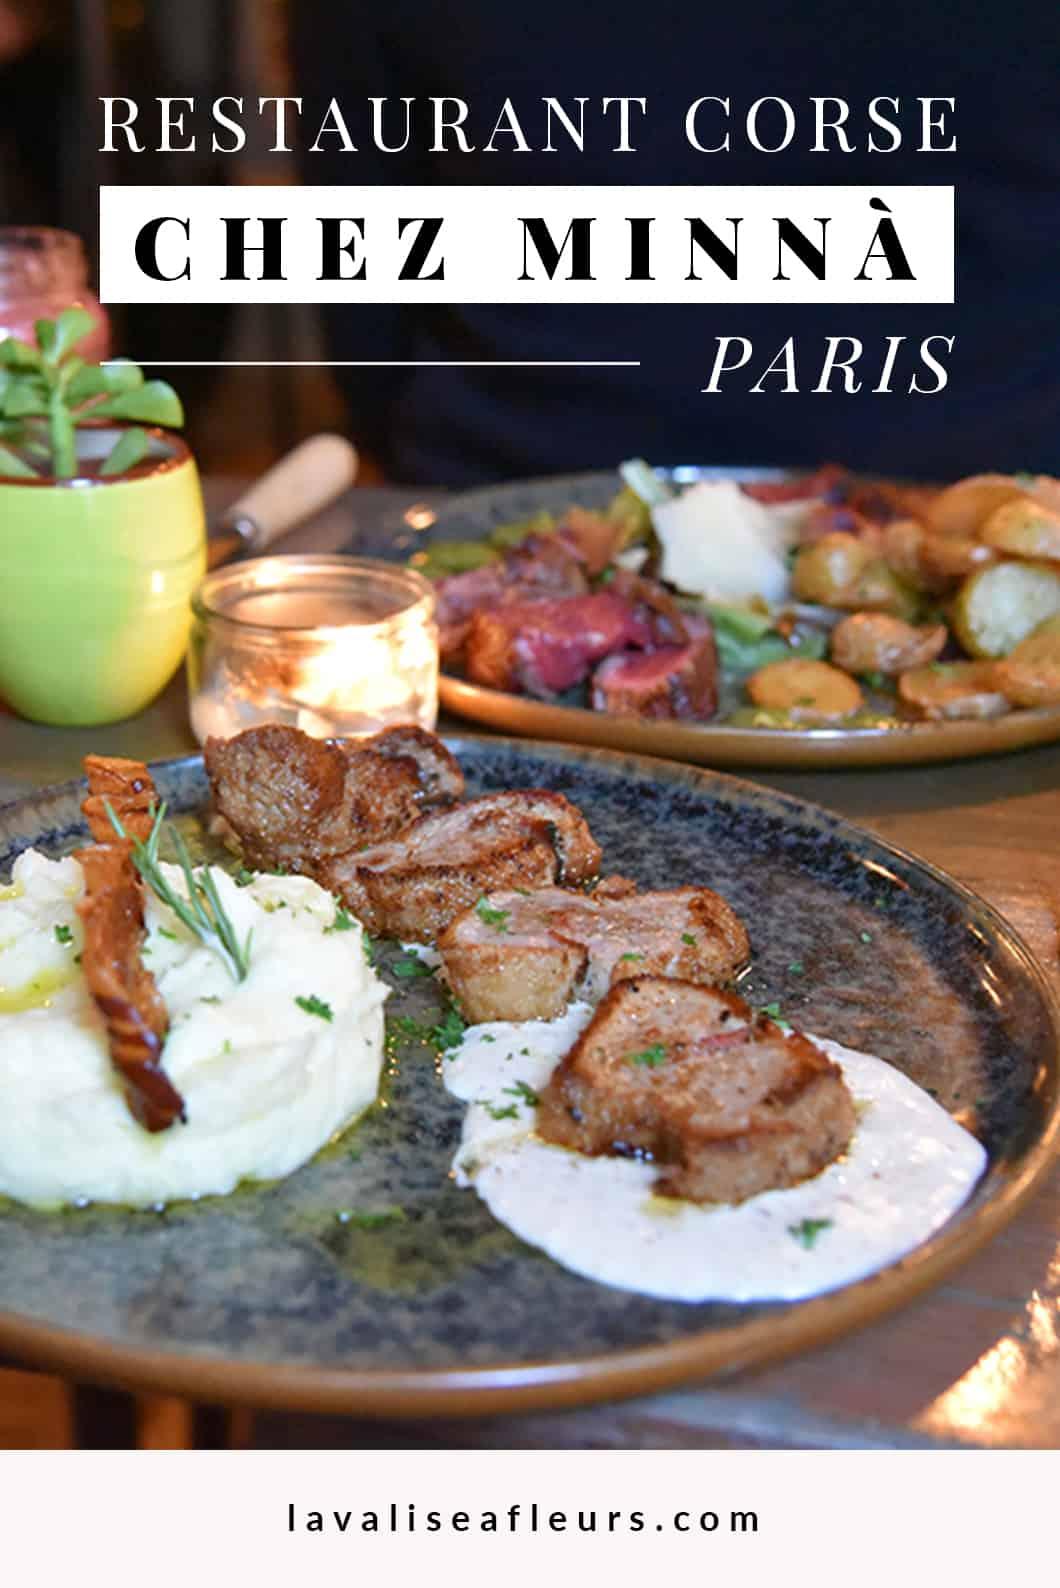 Chez Minnà, restaurant corse à Paris